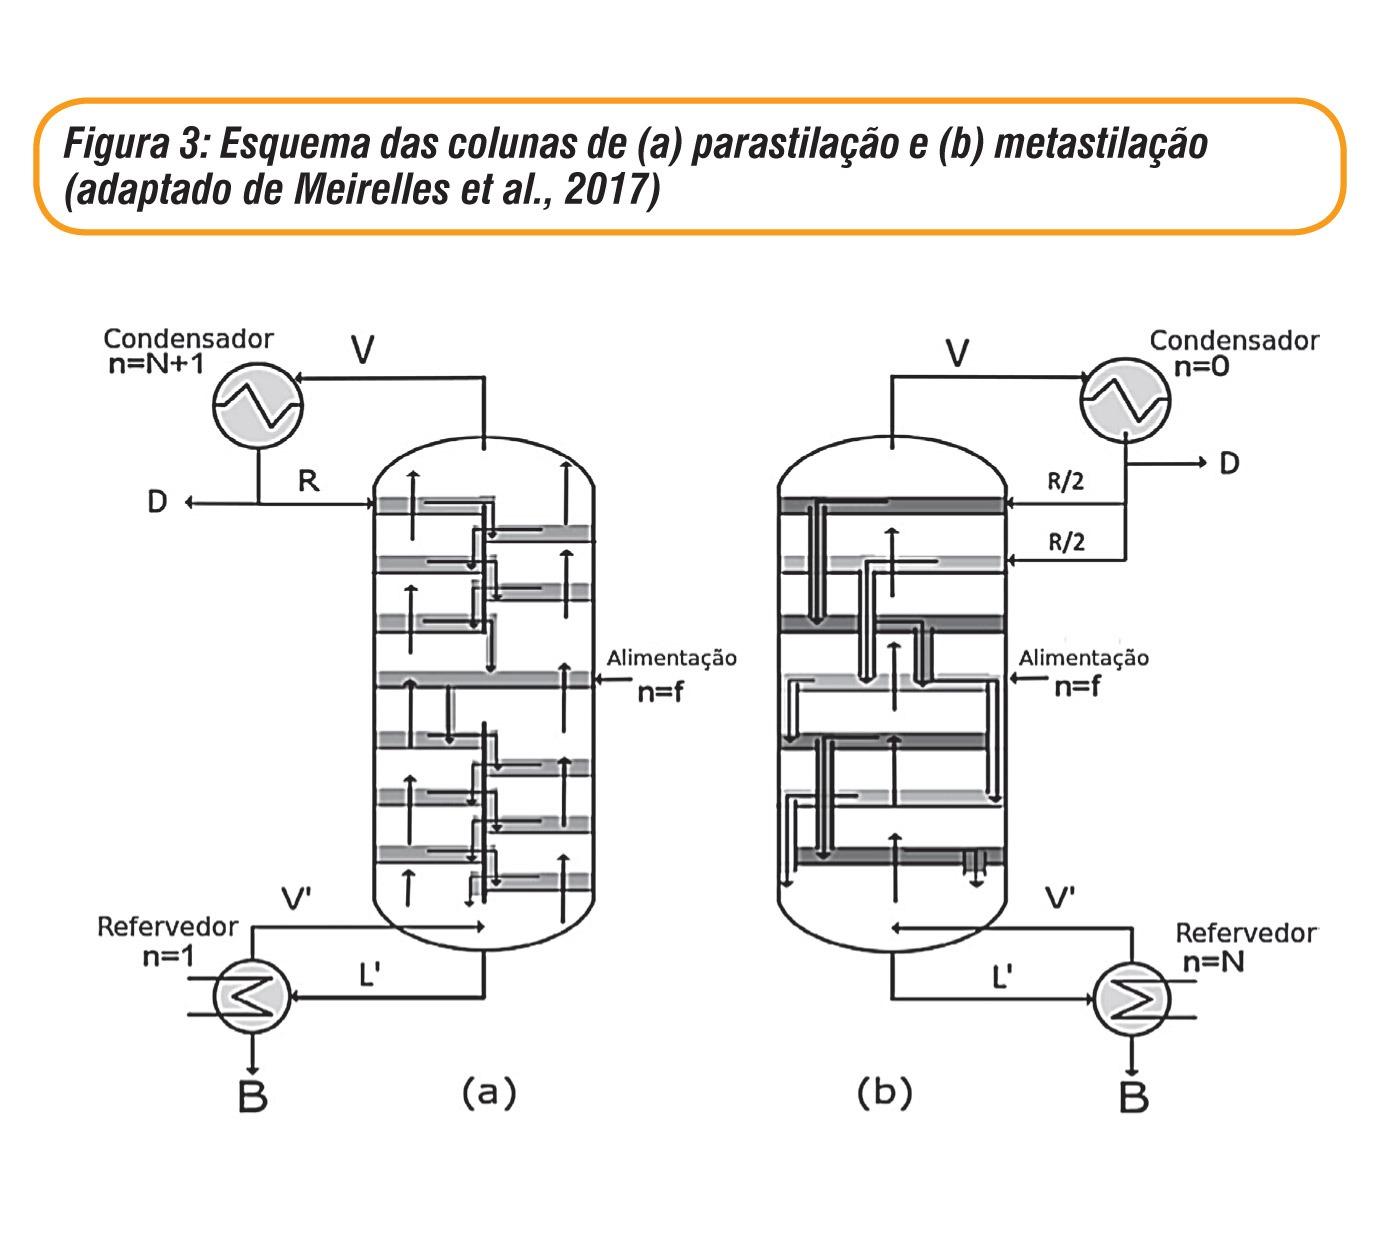 Química e Derivados - Figura 3: Esquema das colunas de (a) parastilação e (b) metastilação (adaptado de Meirelles et al., 2017)